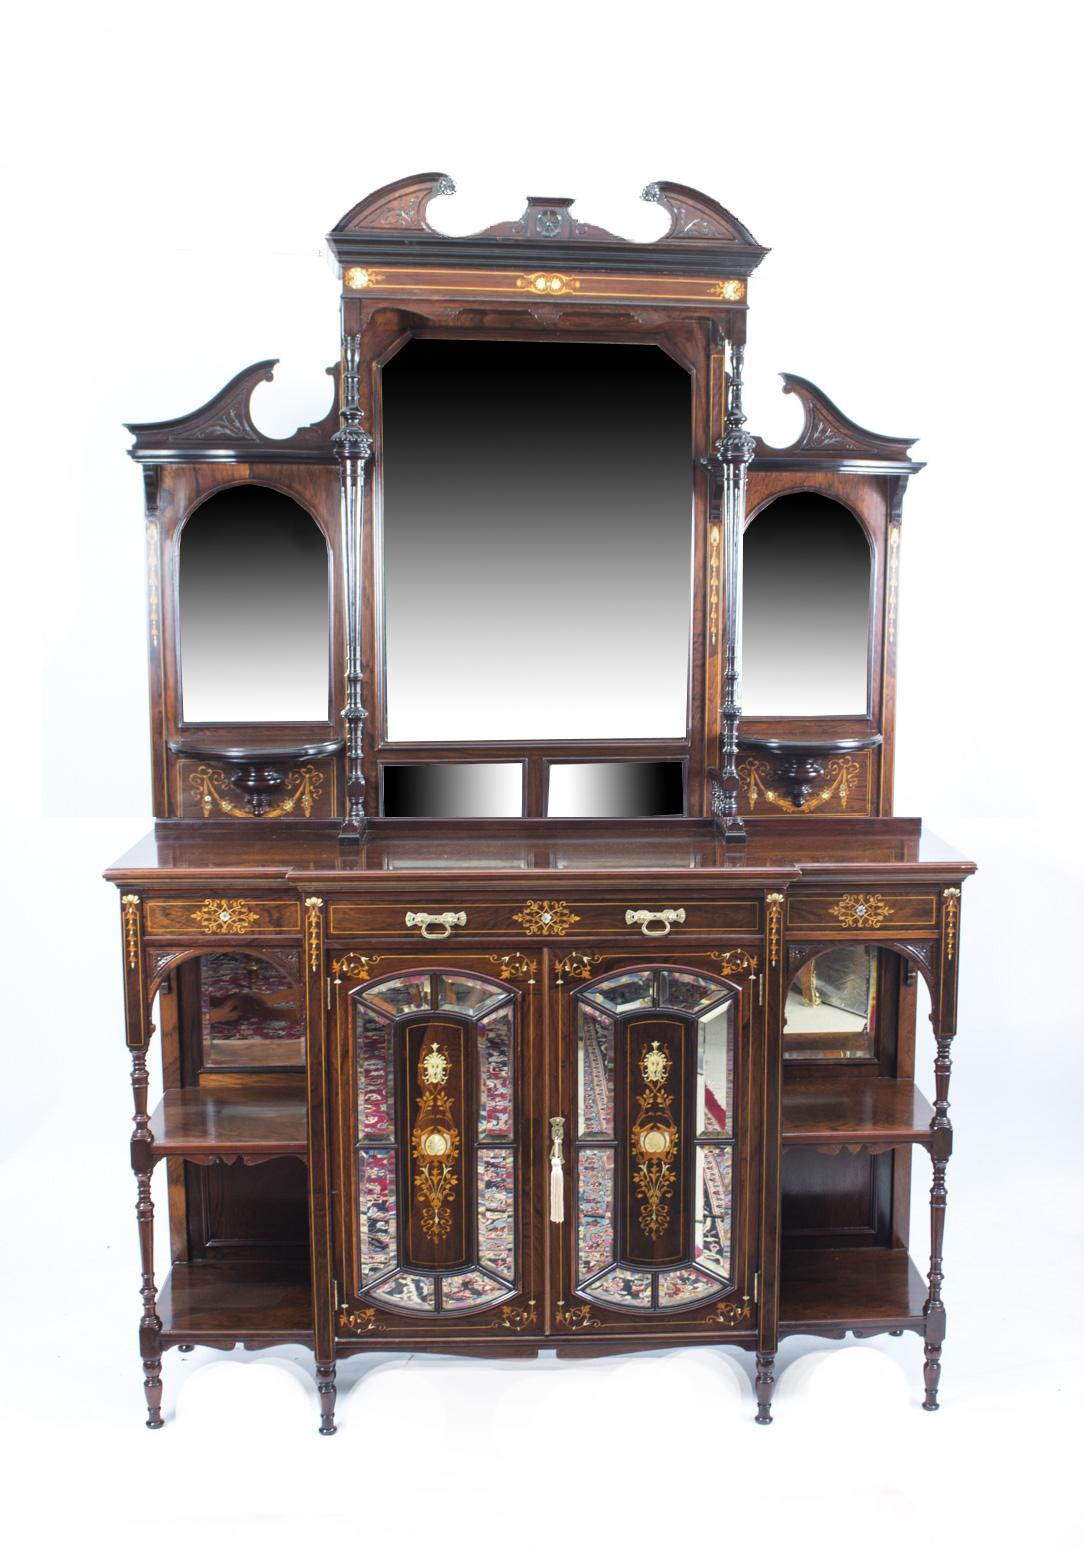 Antique Victorian Inlaid Rosewood Cabinet c.1890